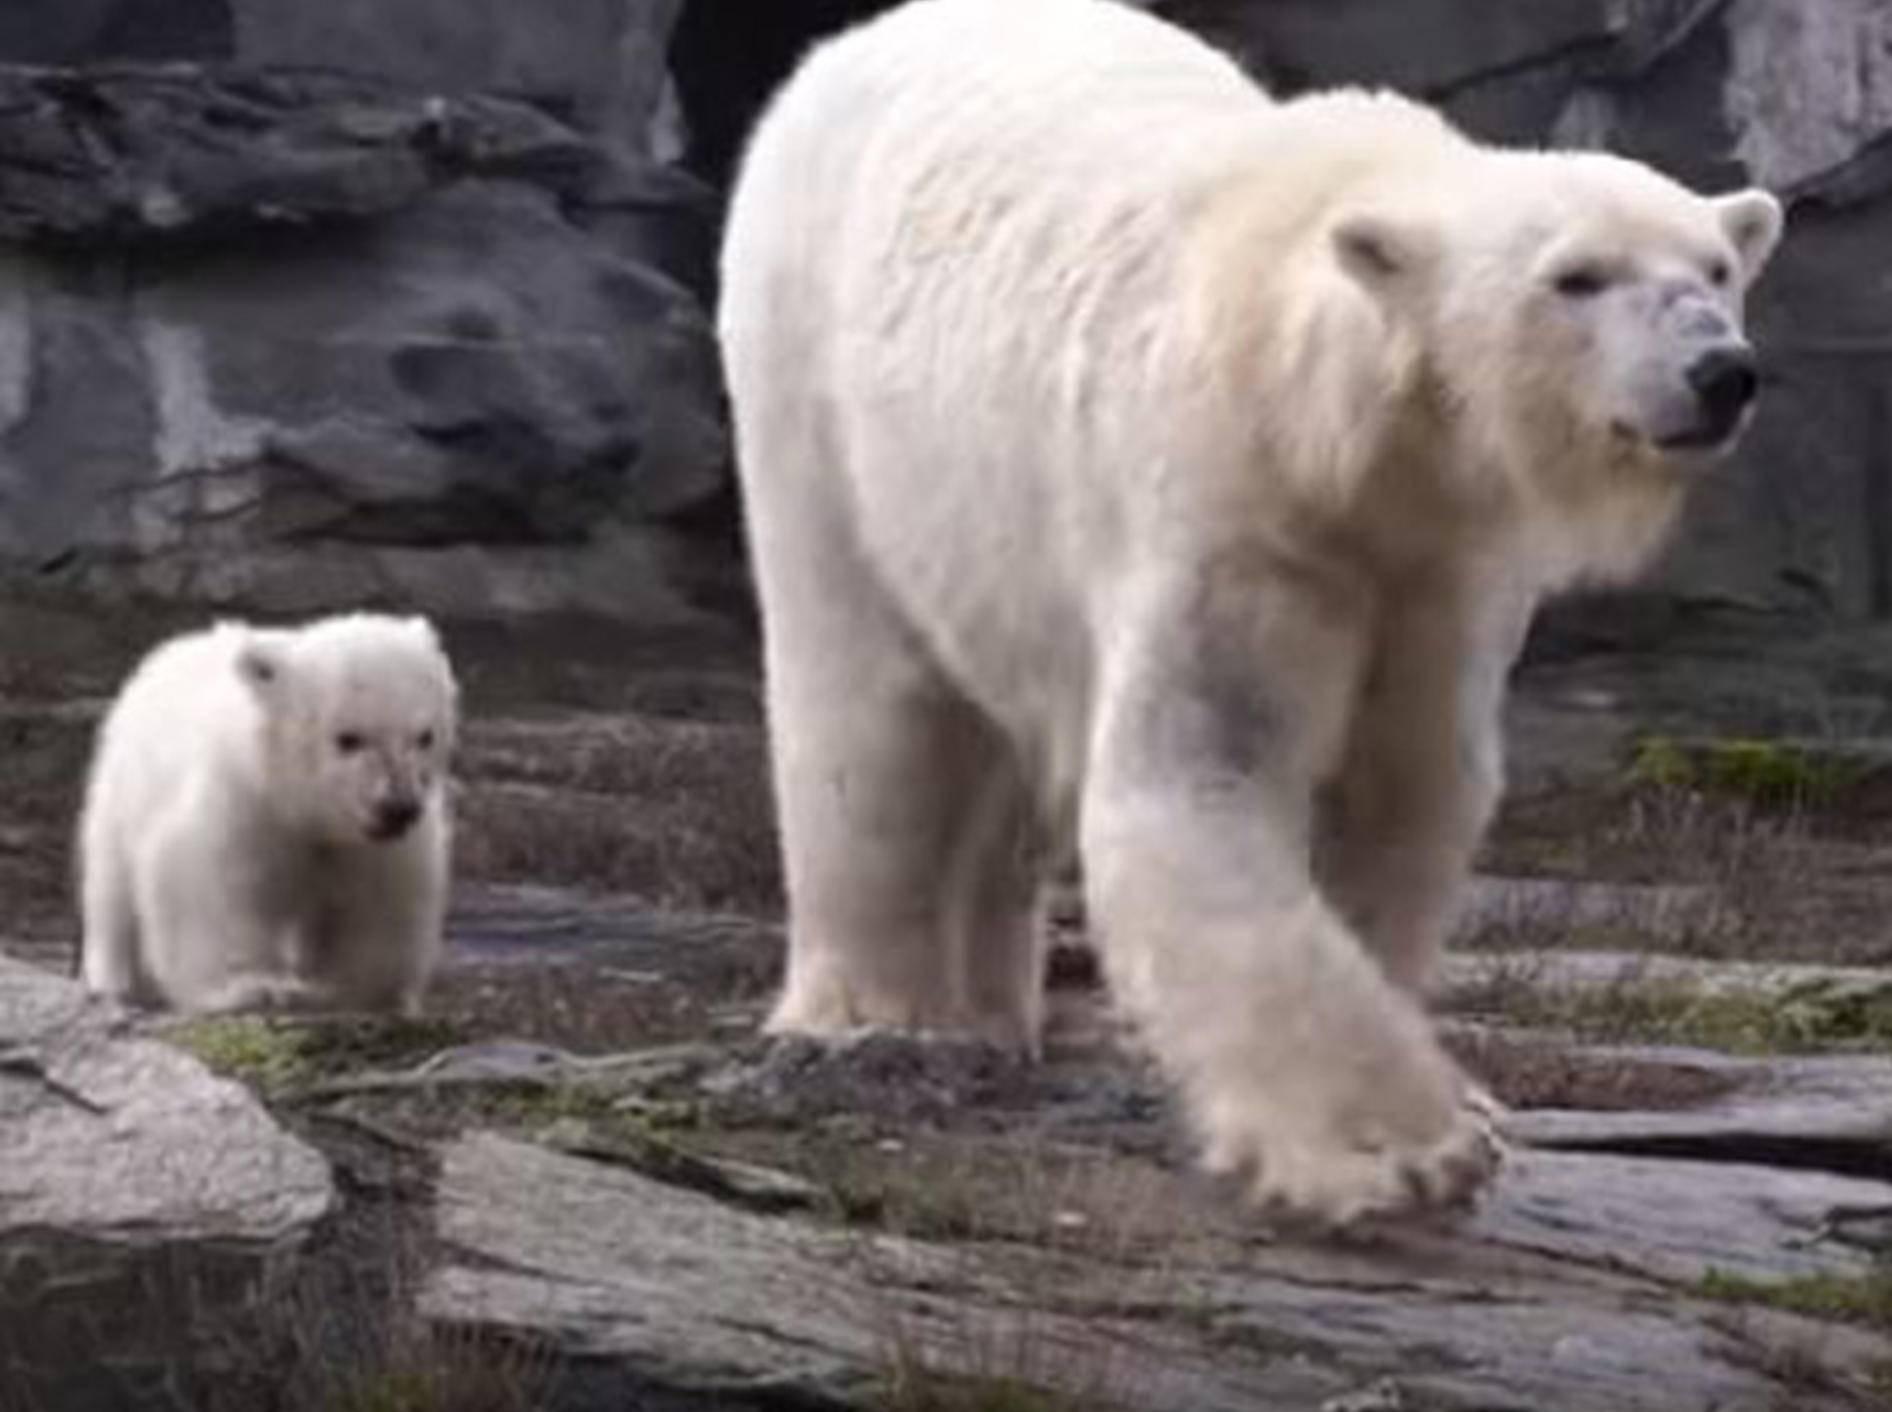 Der Berliner Tierpark freut sich über Eisbär-Nachwuchs - Bild: YouTube / Zoo und Tierpark Berlin